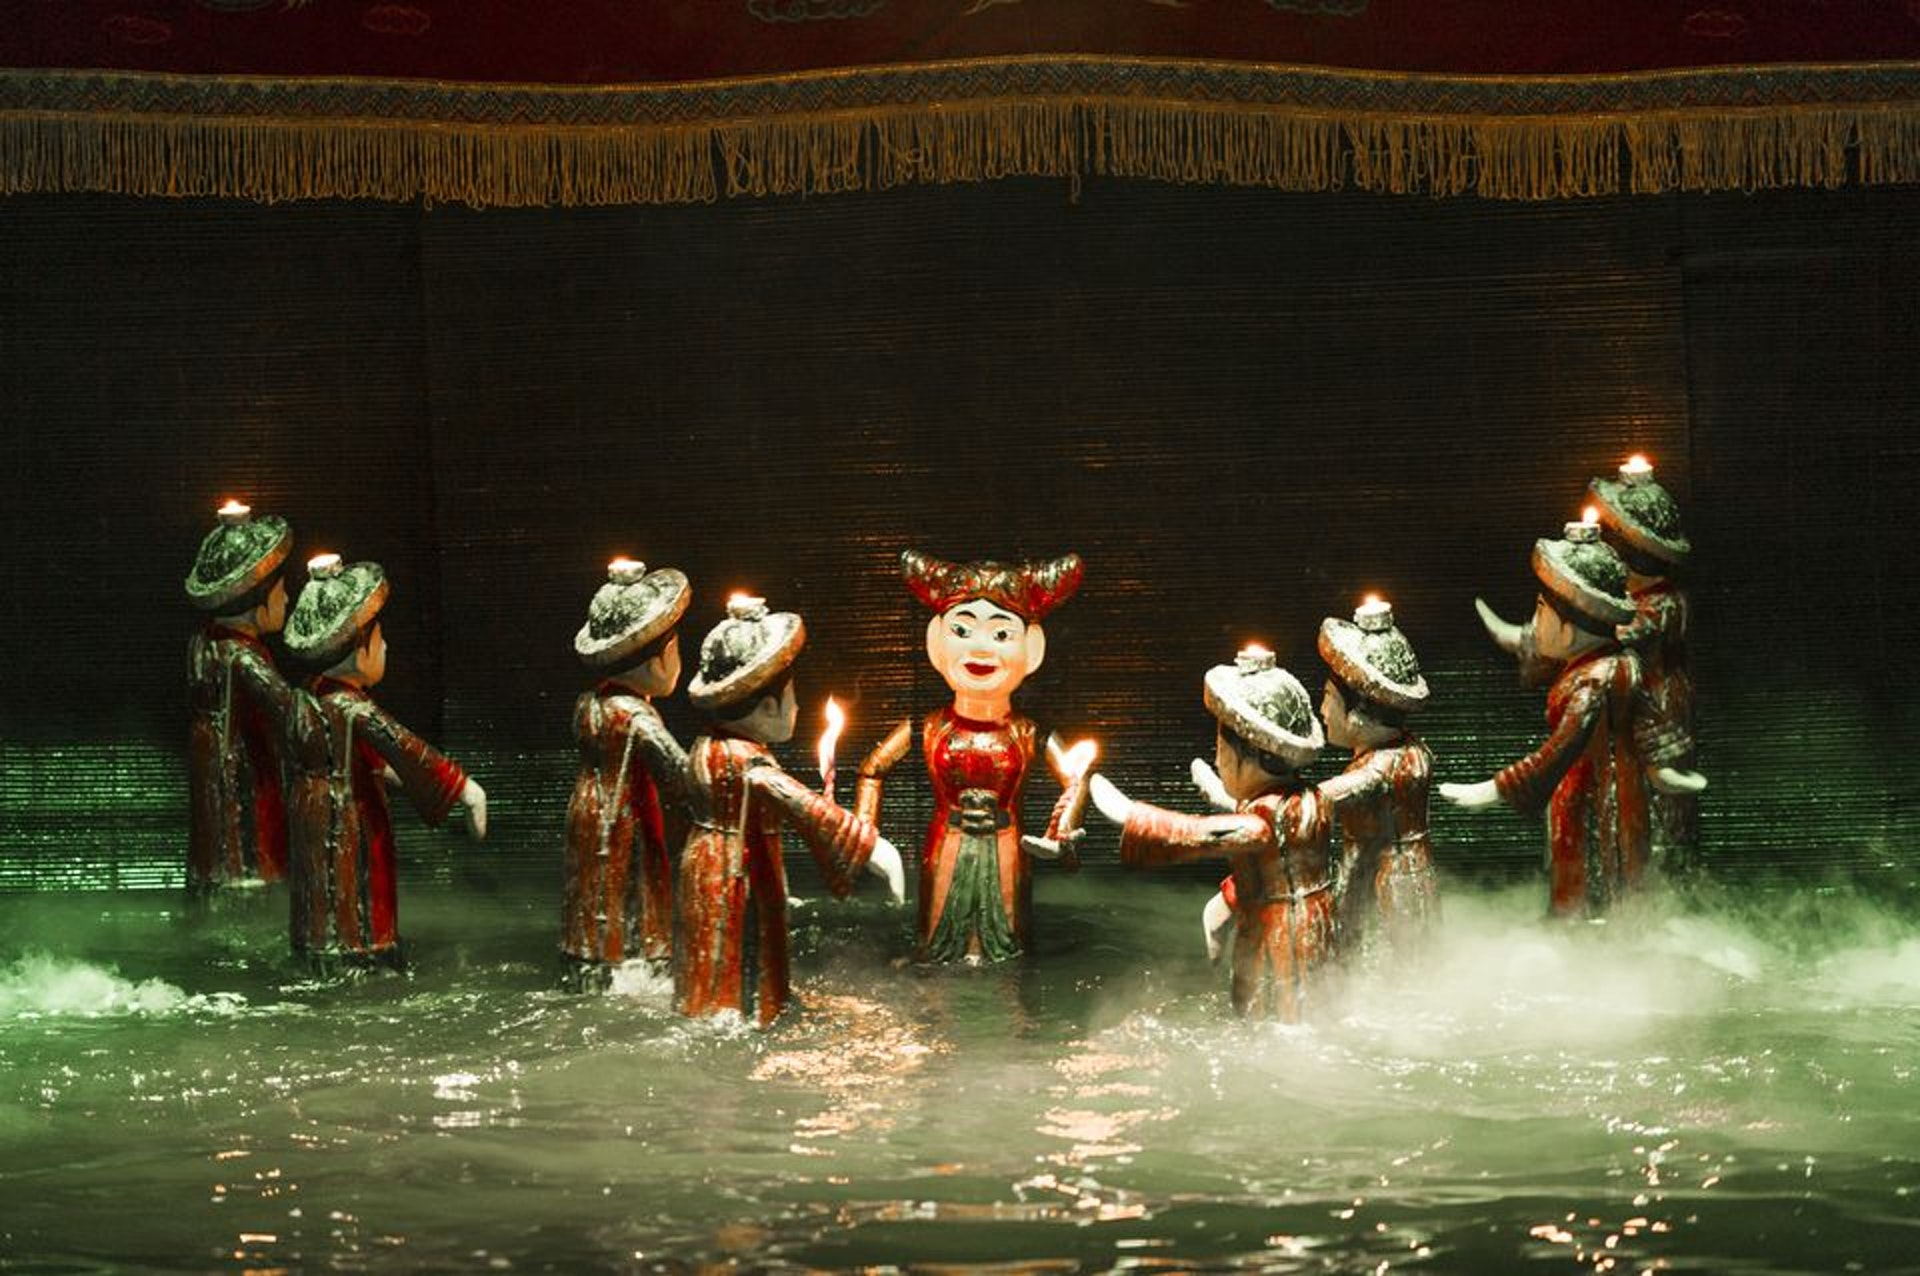 Ảnh trình diễn múa rối nước hấp dẫn